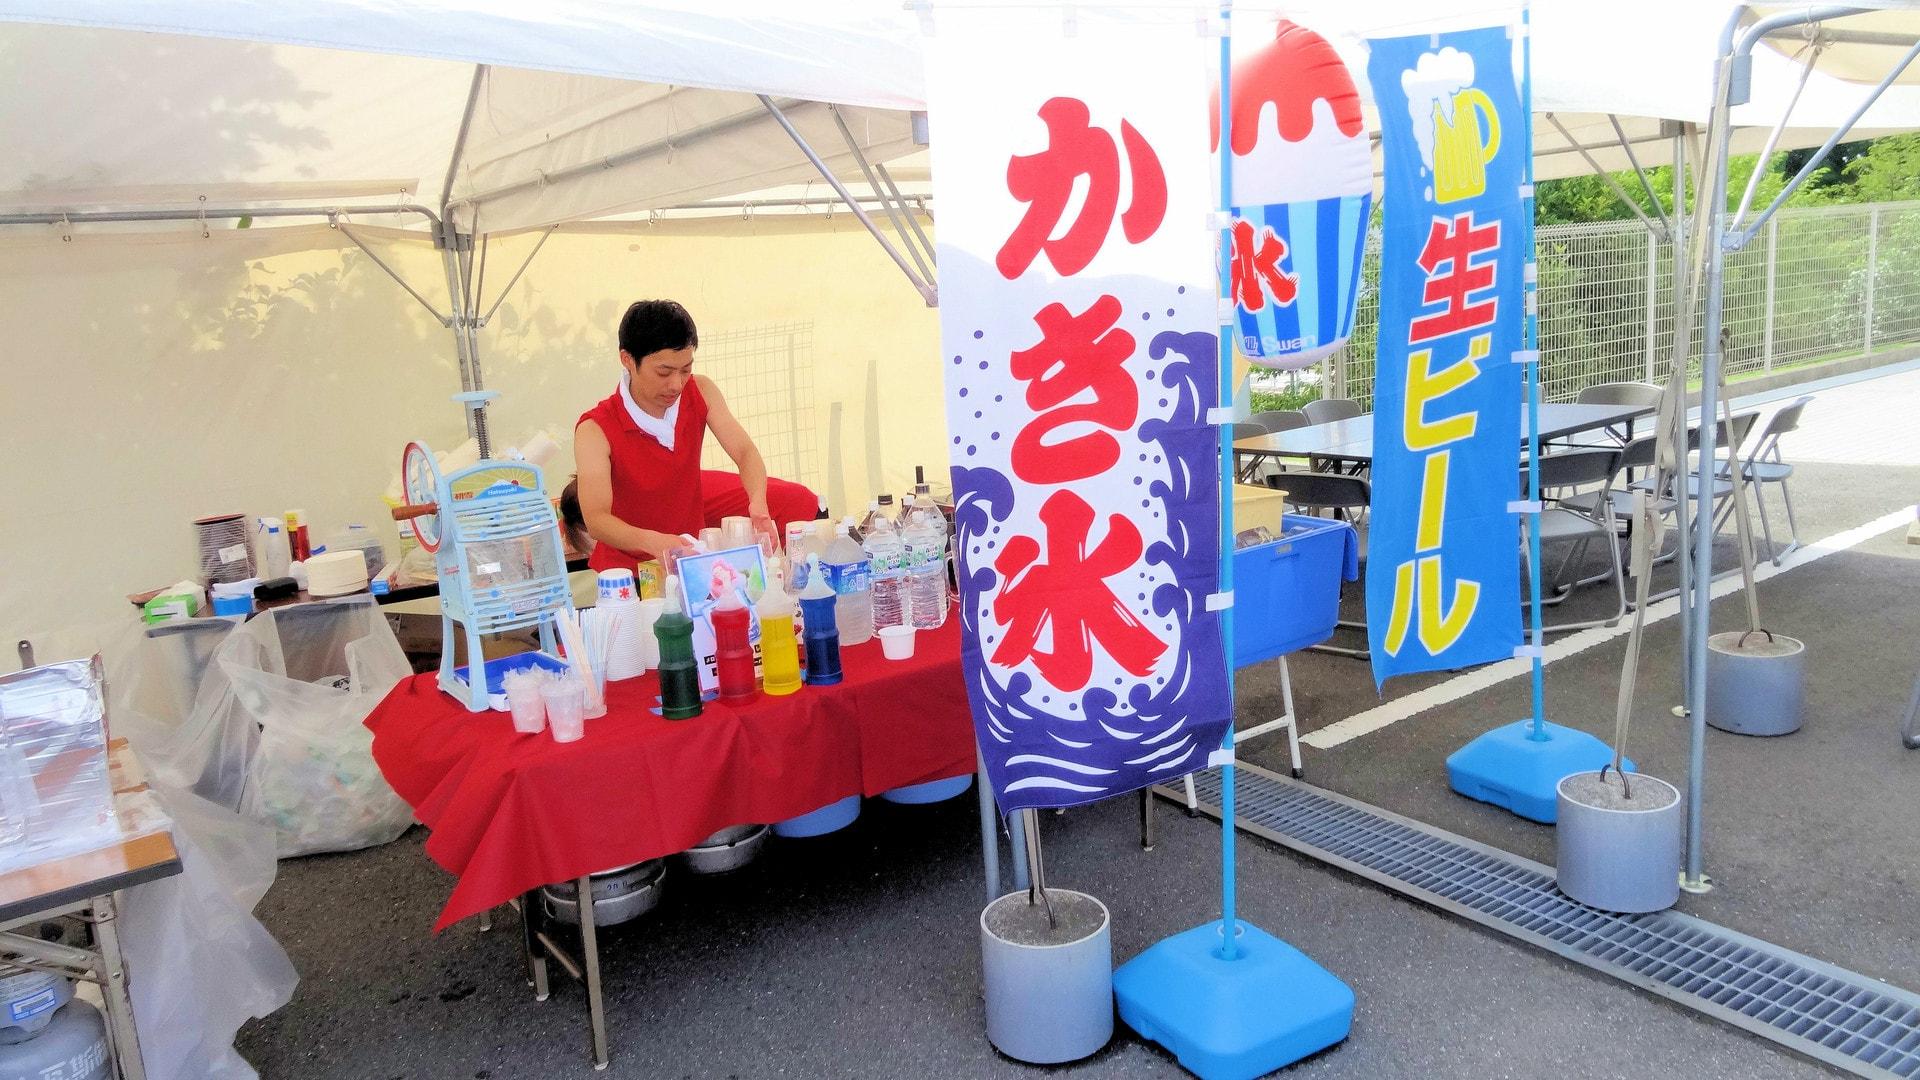 出張ケータリング屋台バーベキュー納涼会・暑気払いパーティー鉄板焼き料理プラン #4